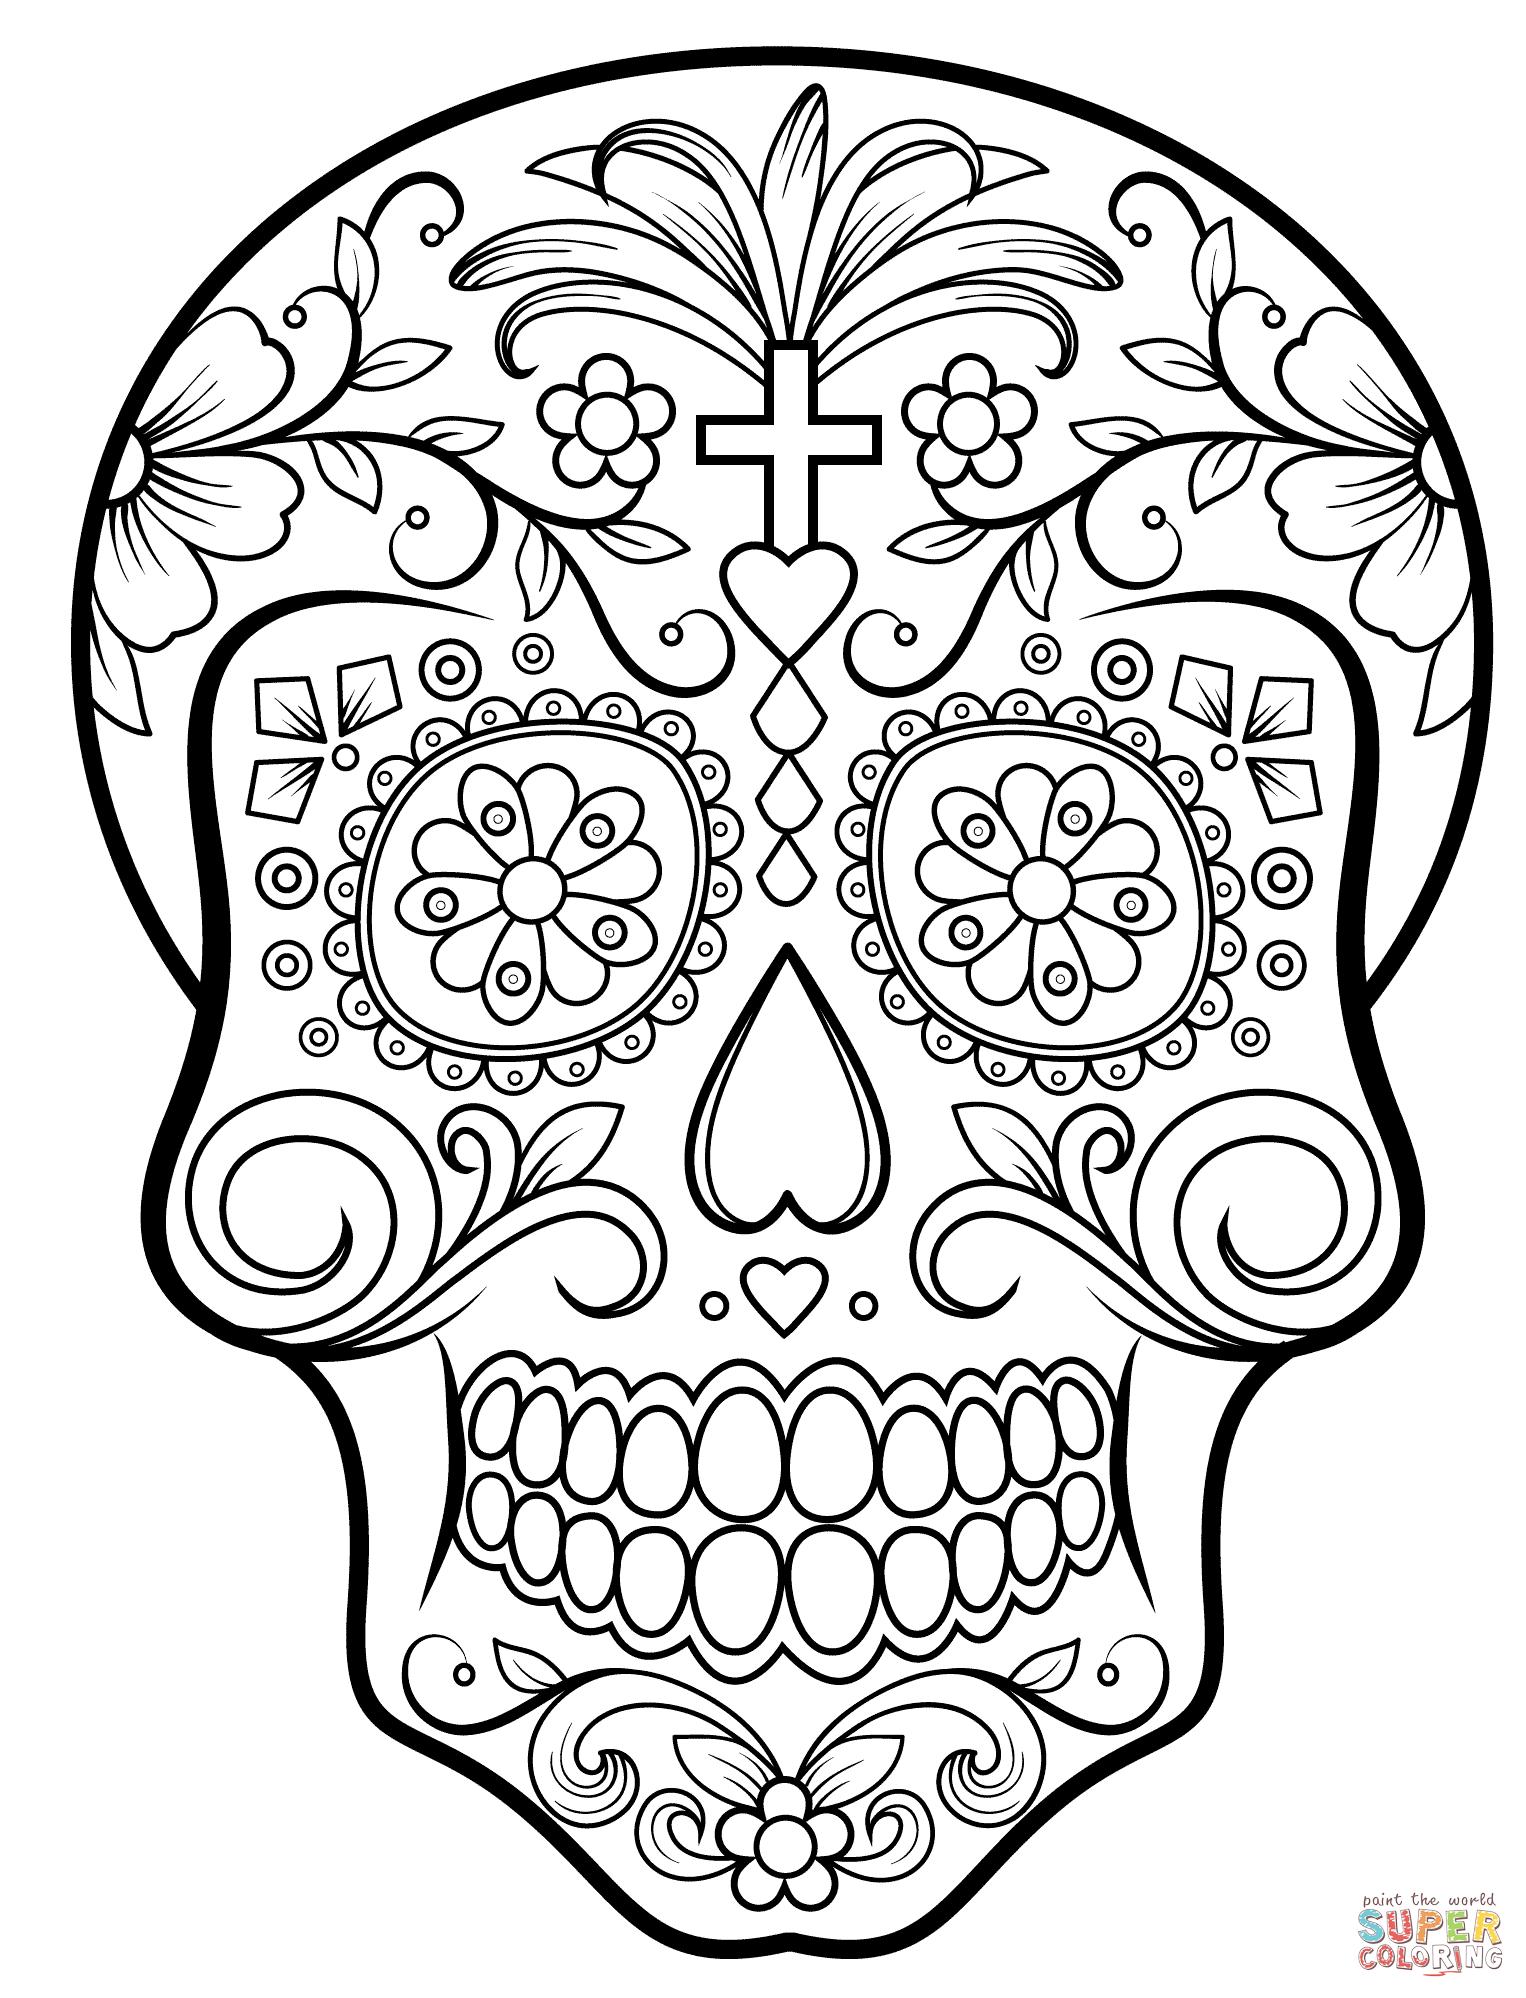 Ausmalbilder Zucker Schädel ( Calavera ) - Malvorlagen innen Totenkopf Bilder Zum Ausmalen